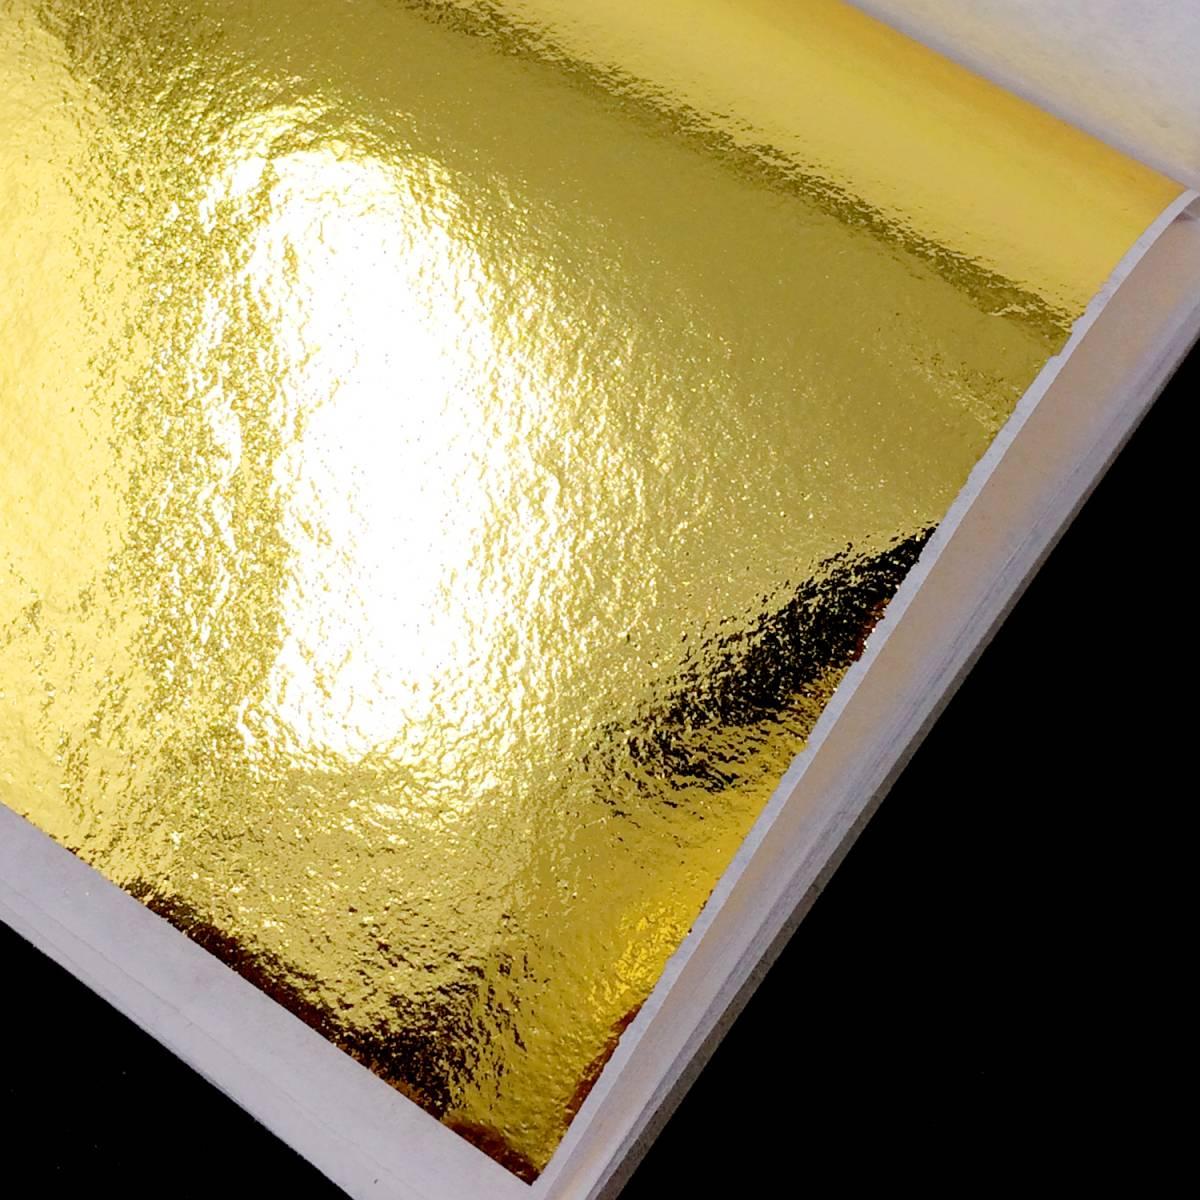 【即決】金箔 GOLD フェイク ゴールド 金色 美術 工芸 デコレーション 【 金ぱく 約100枚、竹ばし、刷毛セット 】_画像2